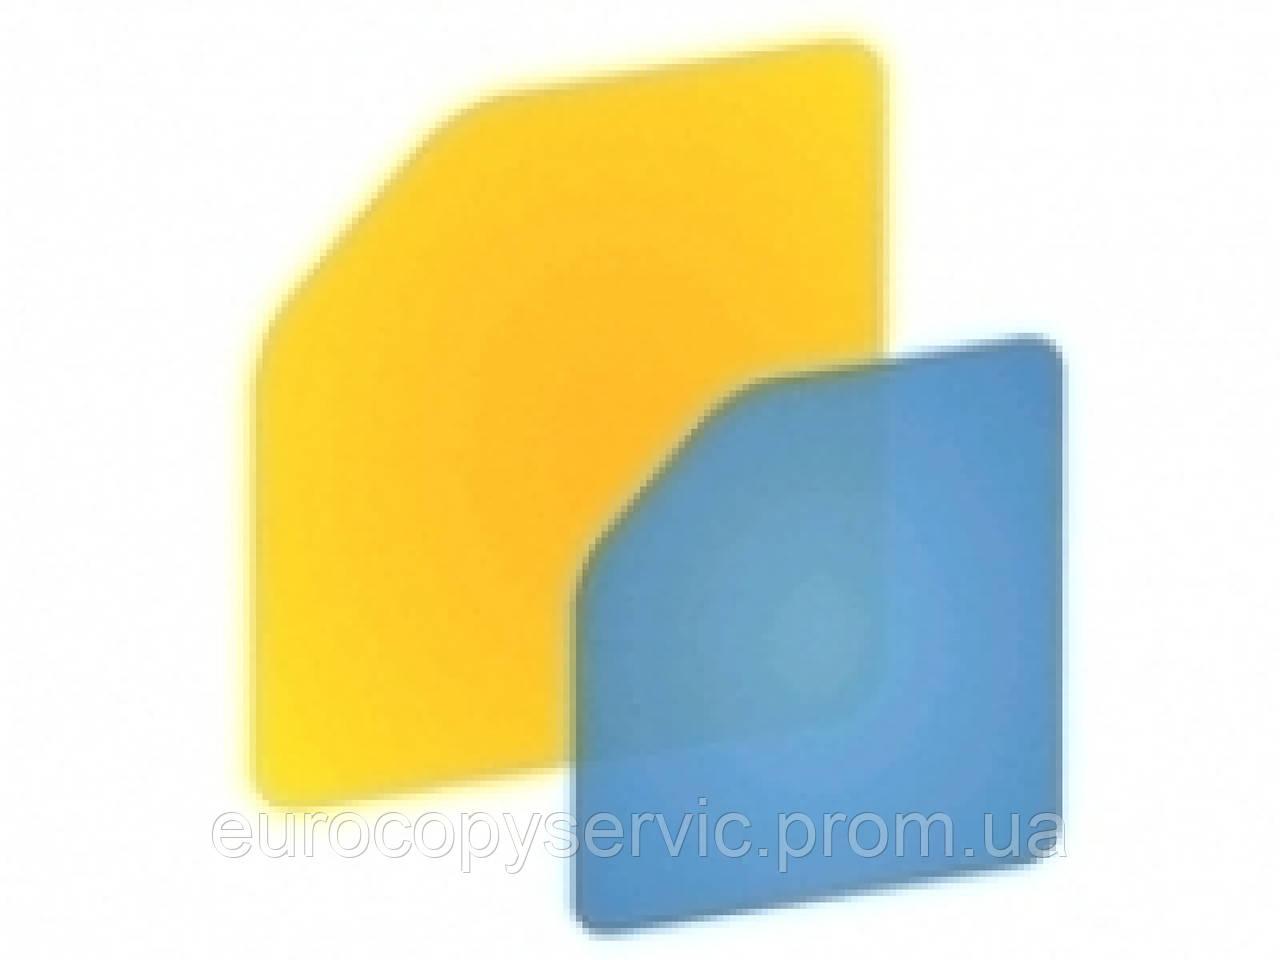 Вузол (ремінь) перенесення зображення в зборі Samsung CLP365 / SL-C430W, JC96-06292B